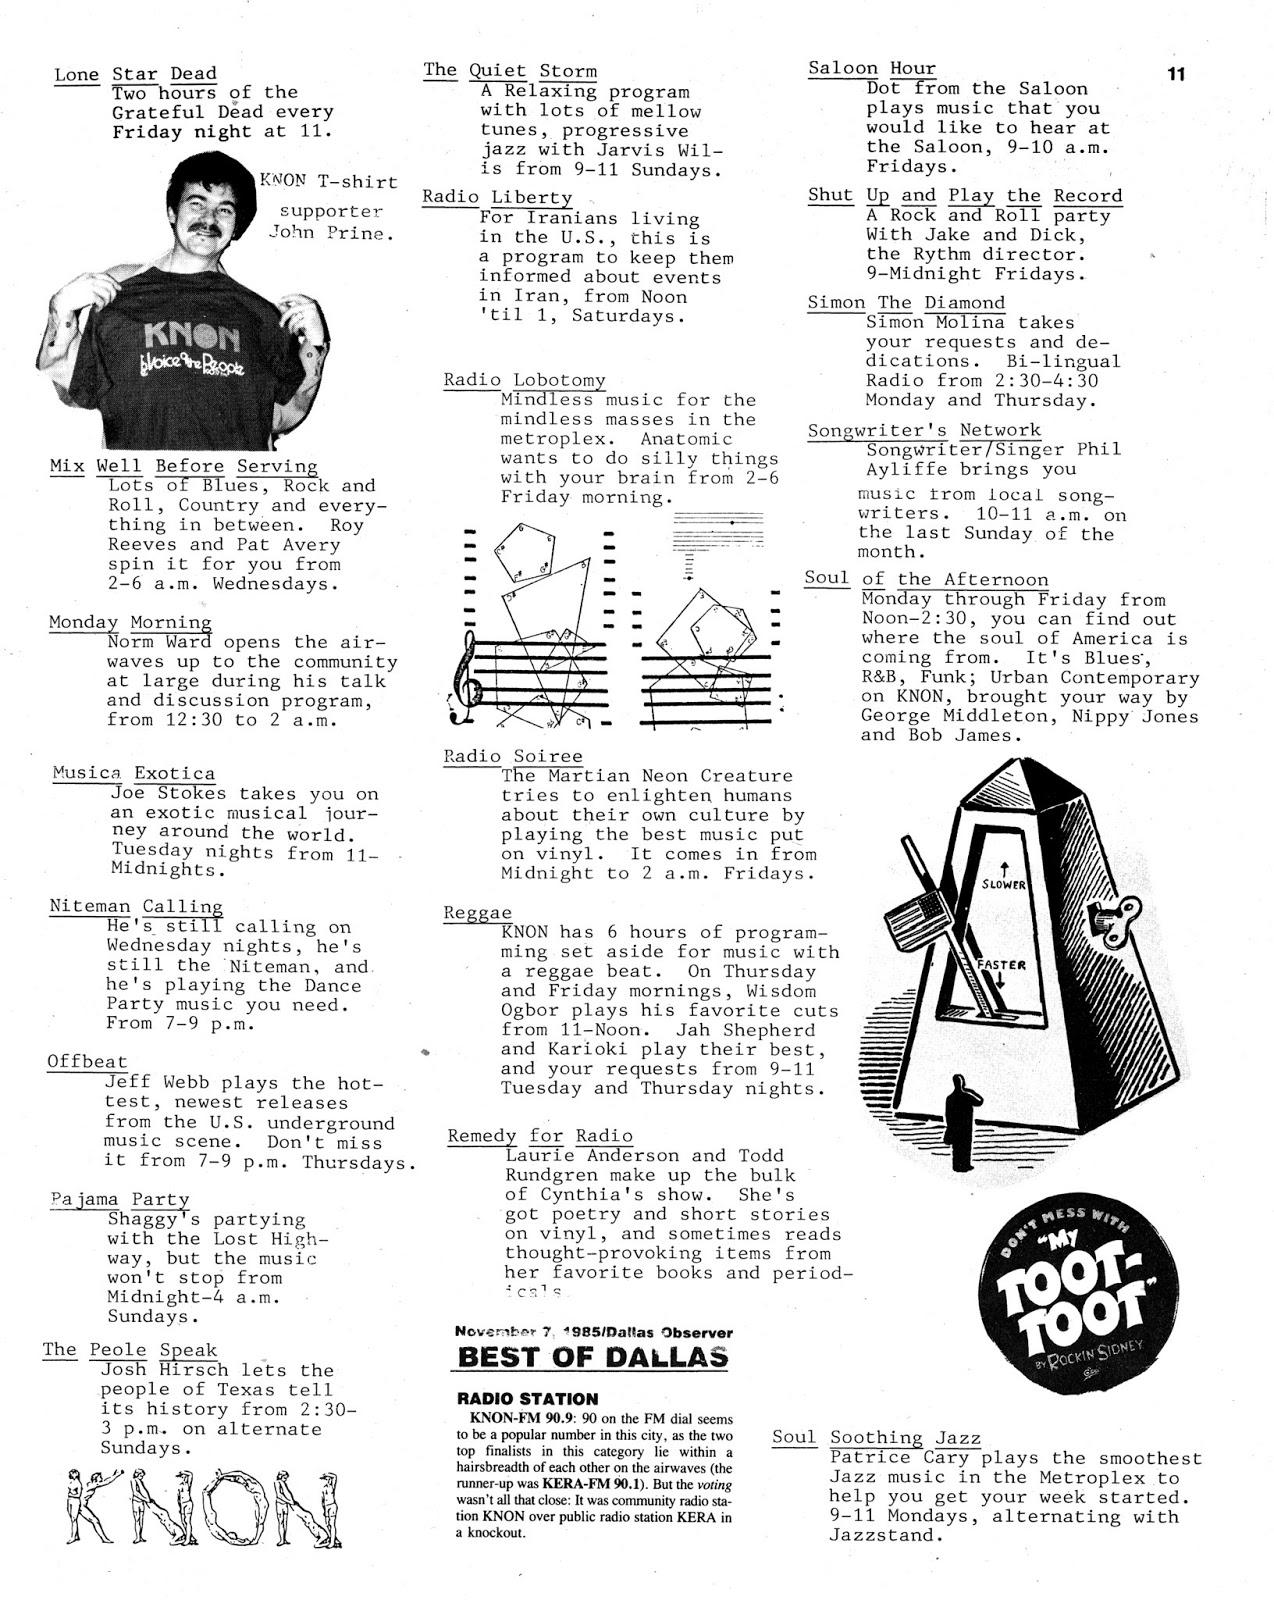 scrapbook-1985-issue-2-p11